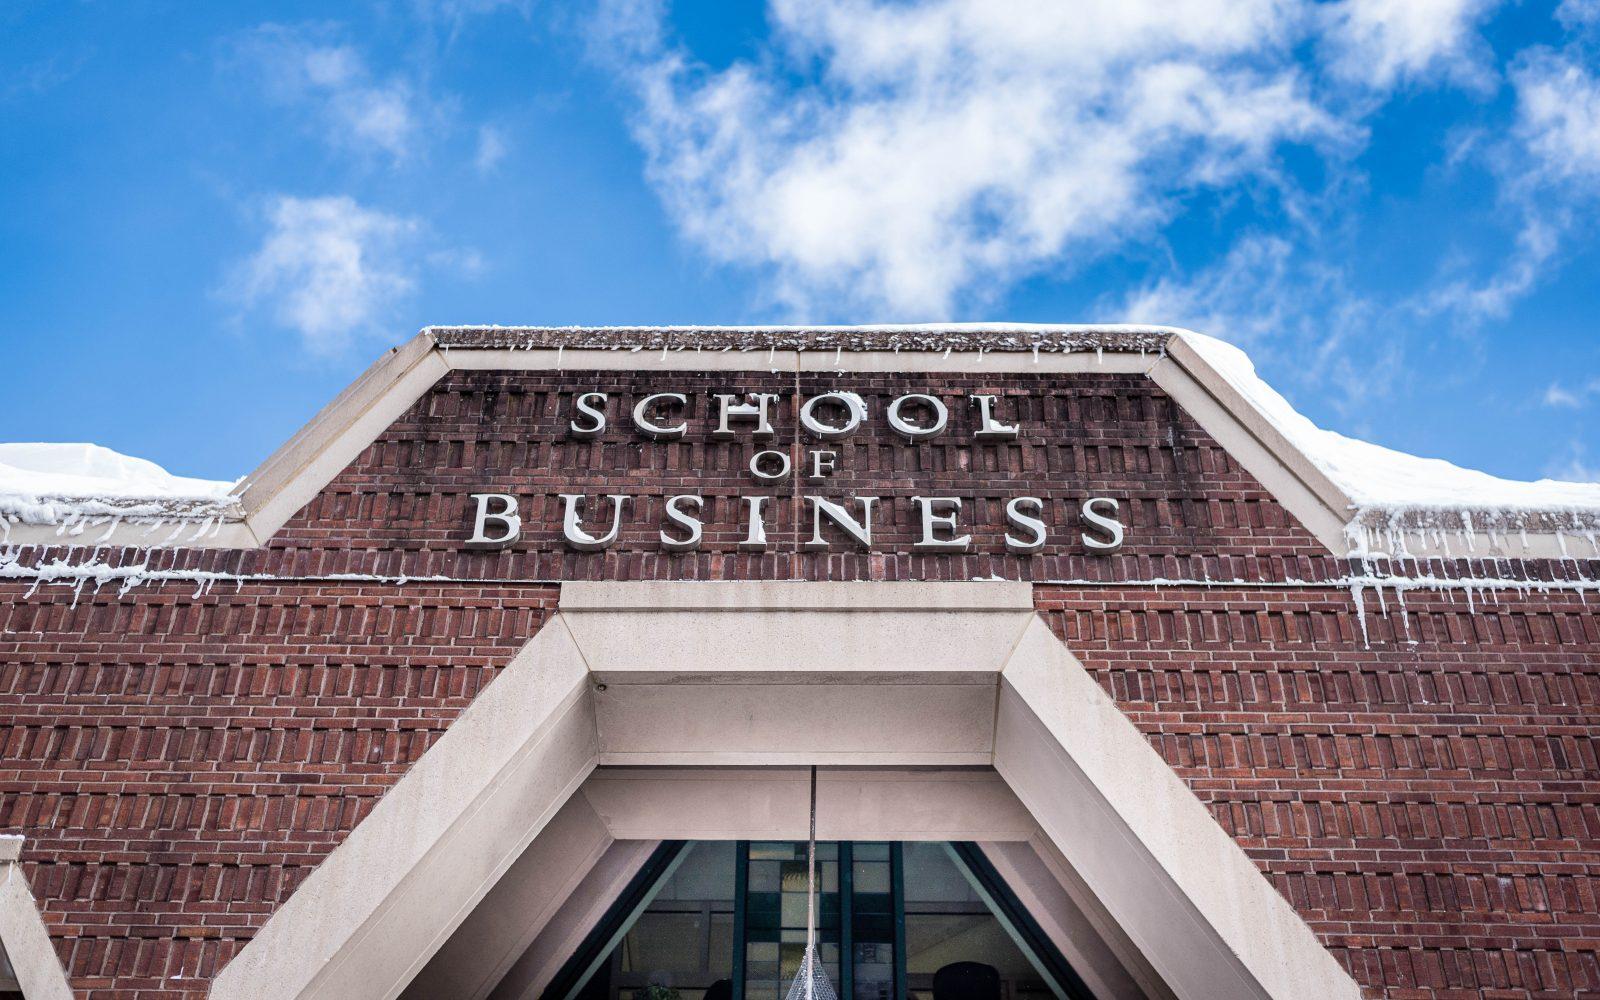 School of Business Exterior, Winter